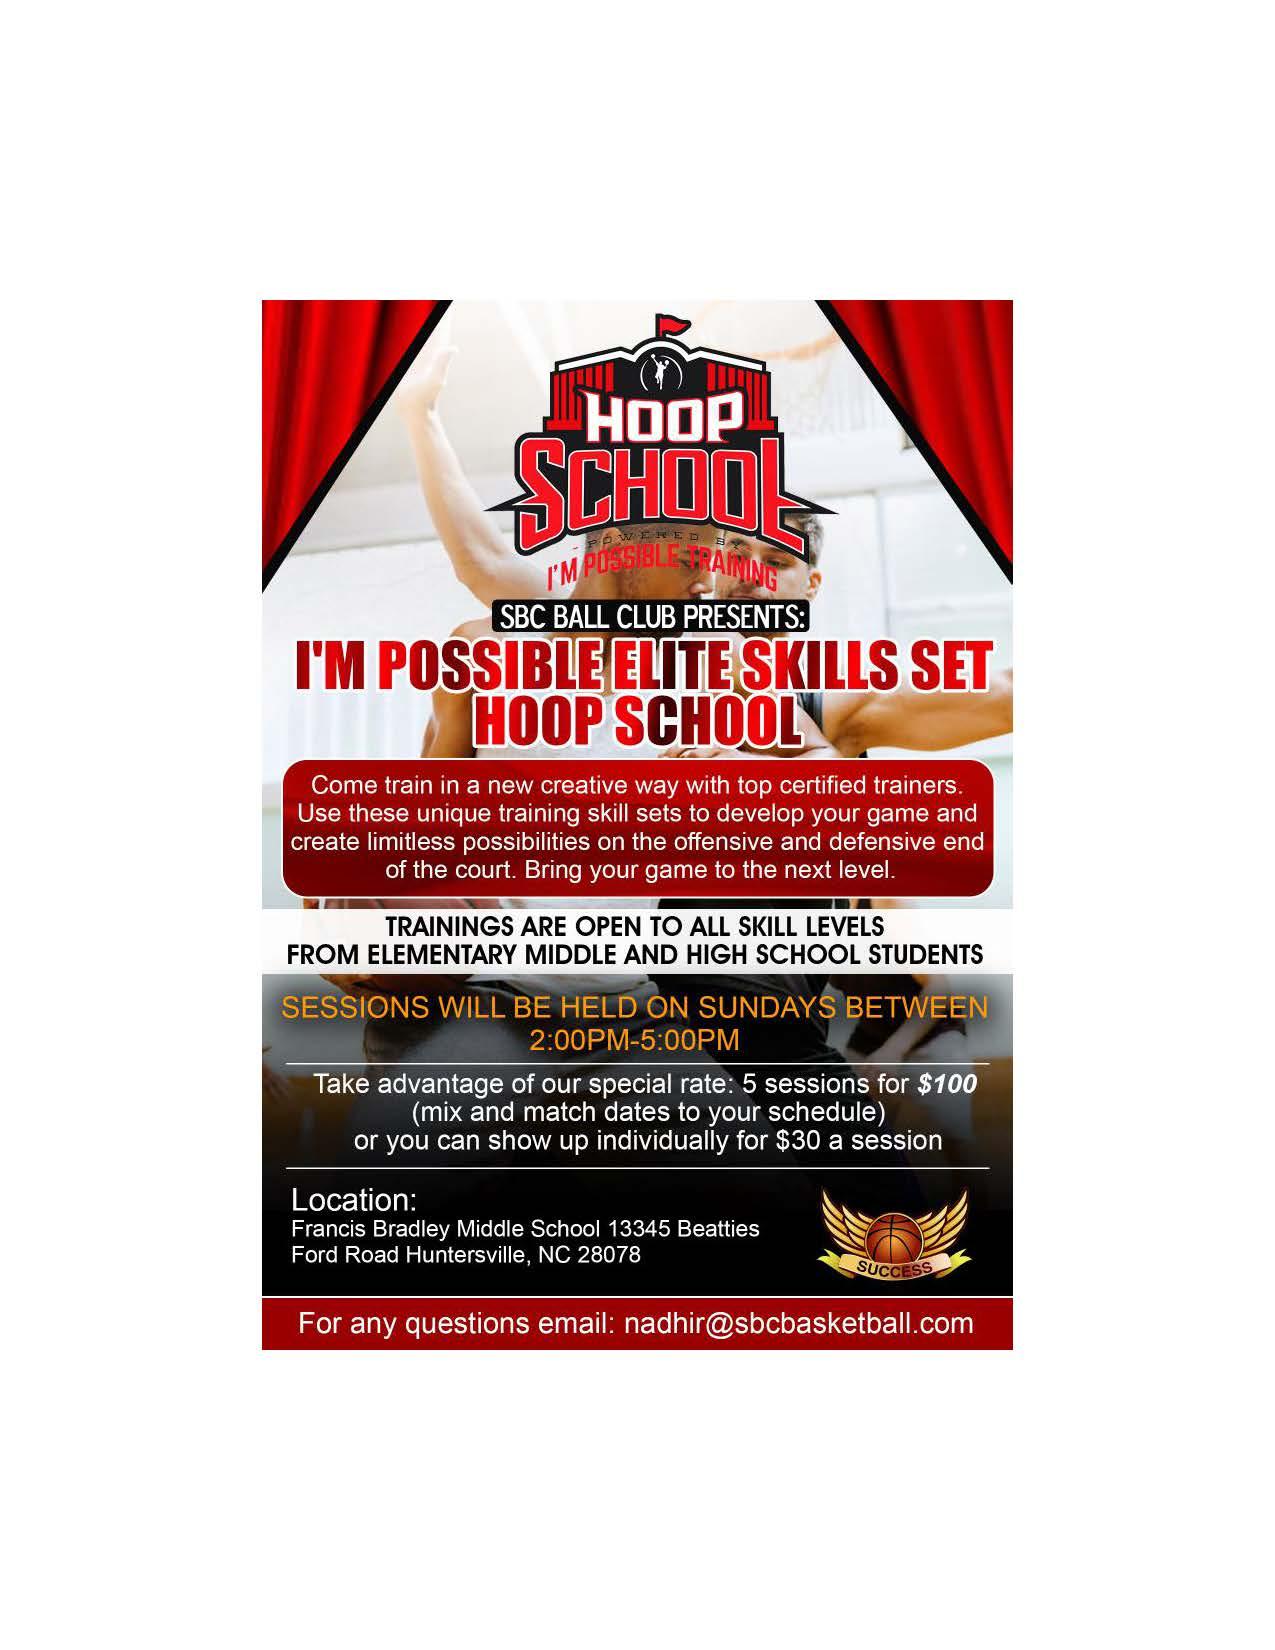 hoop school flyer